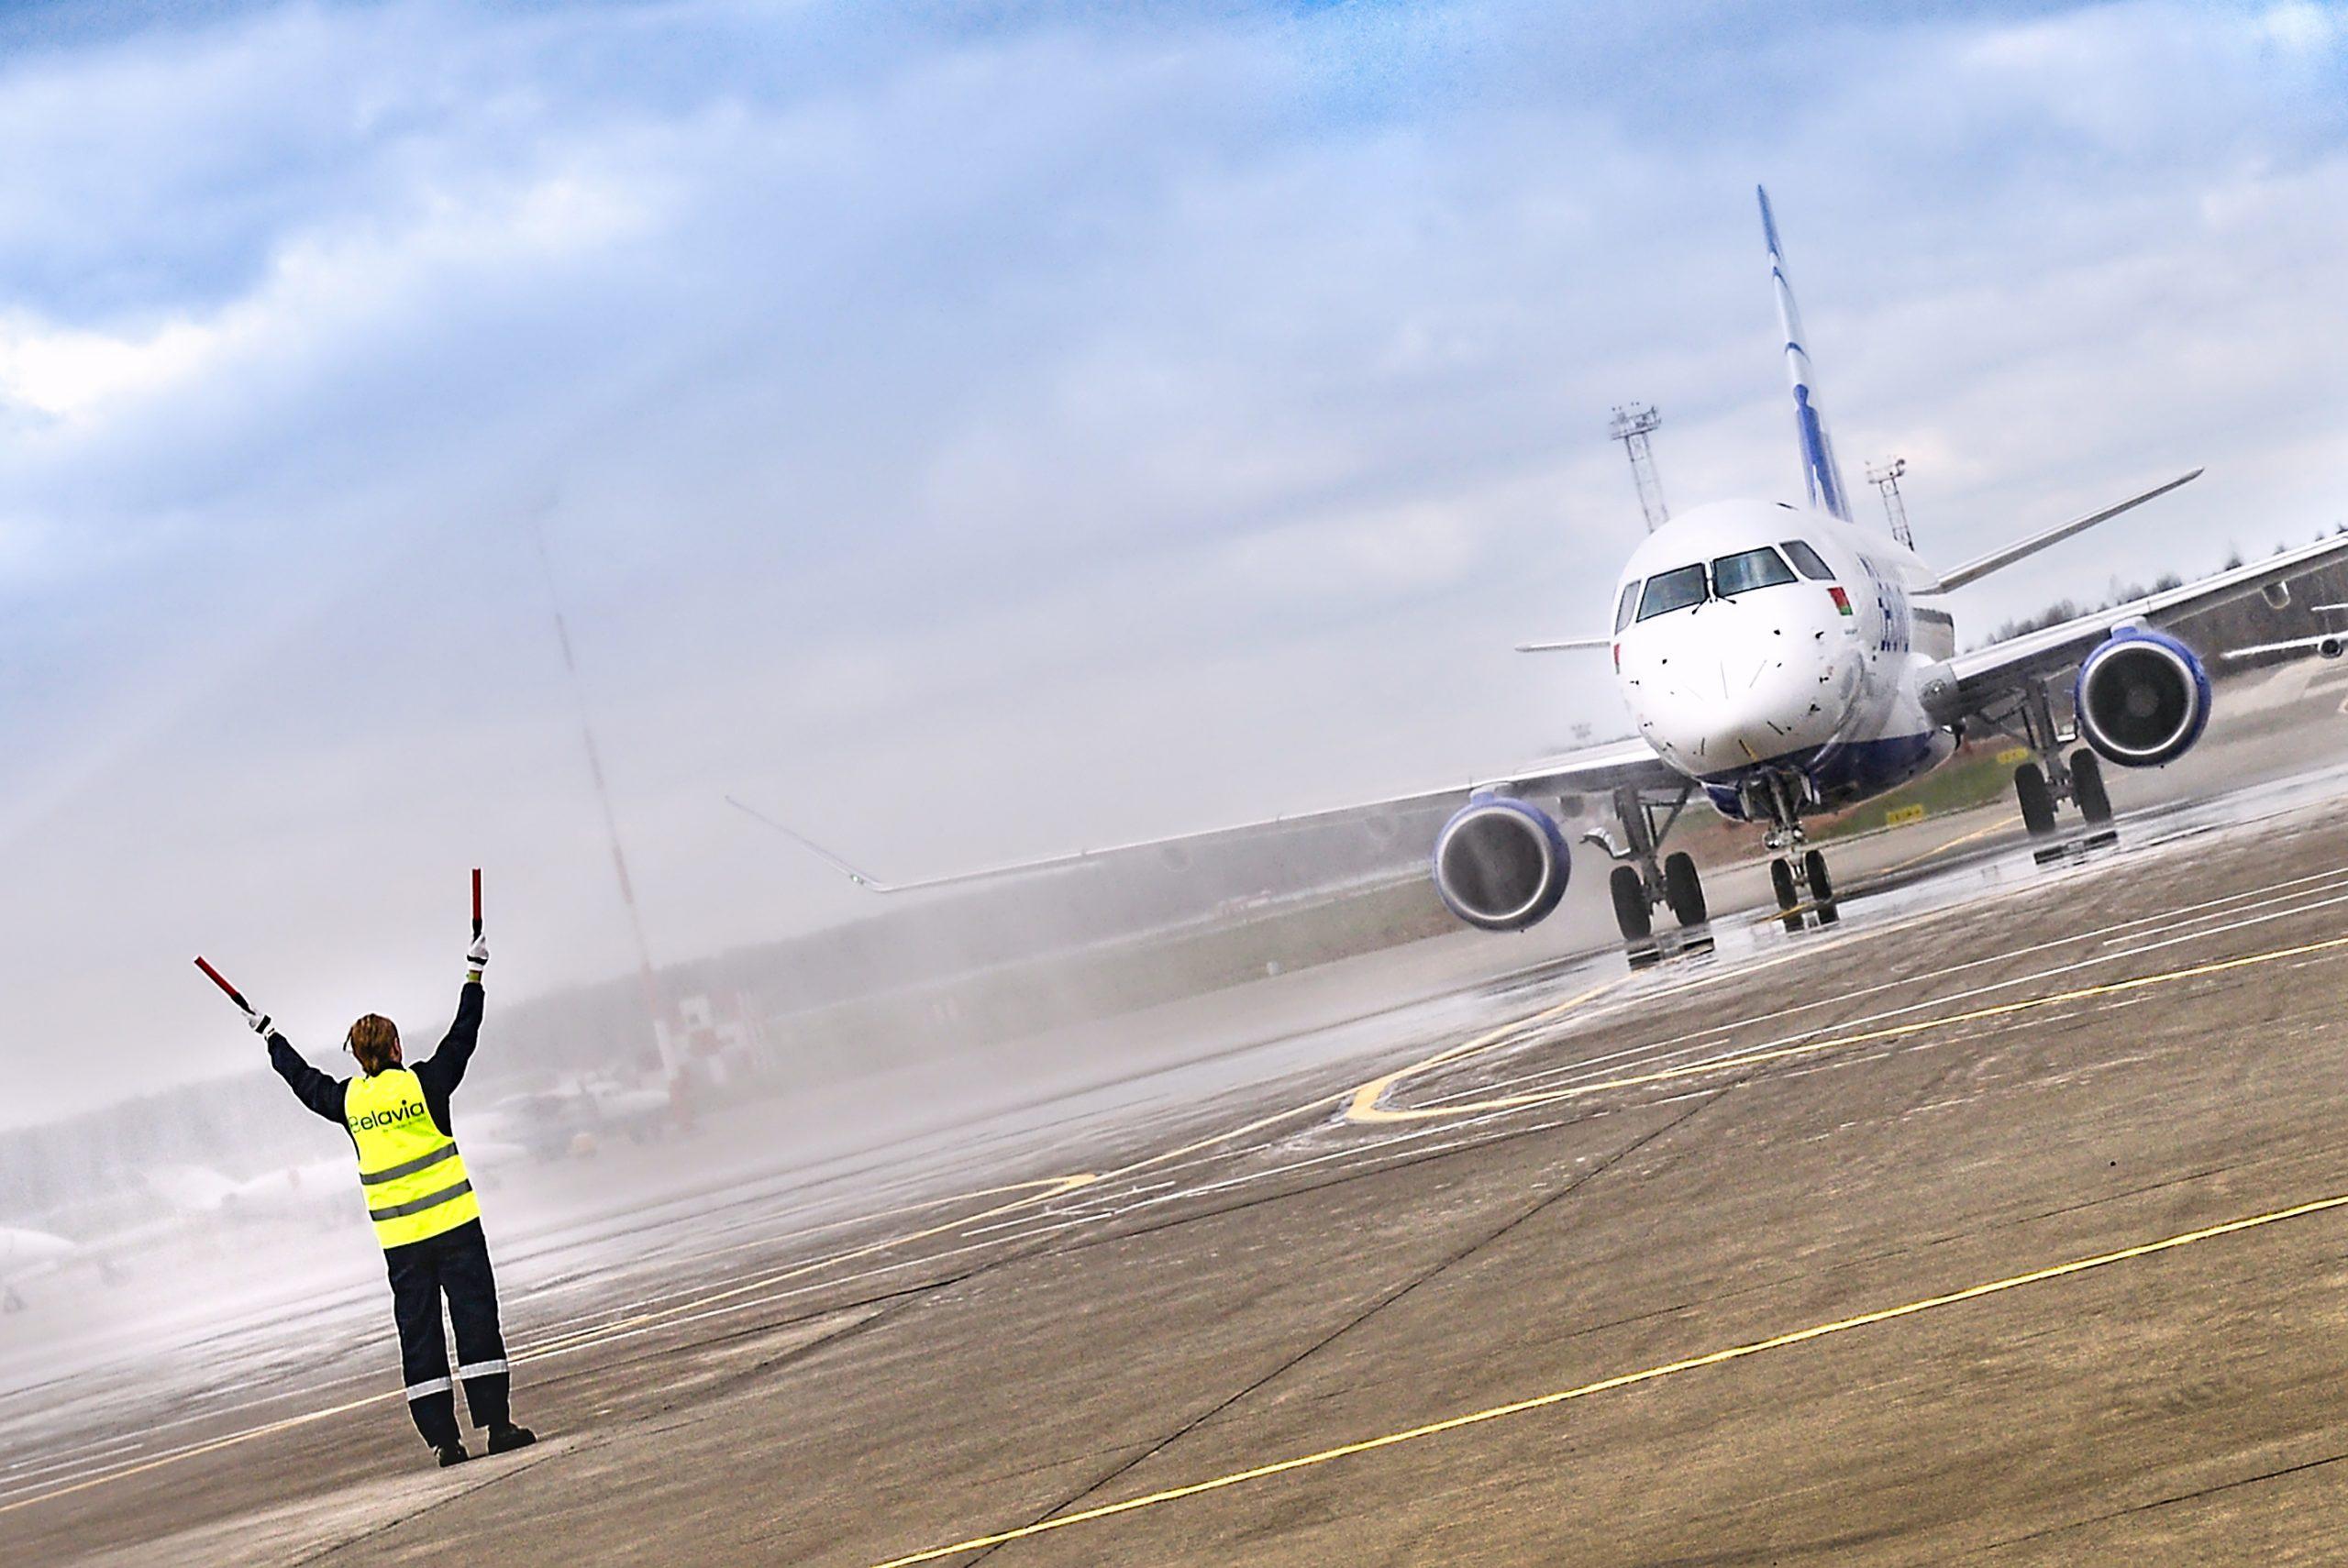 Fly fra det hviderussiske selskab Belavia. Foto: Belavia